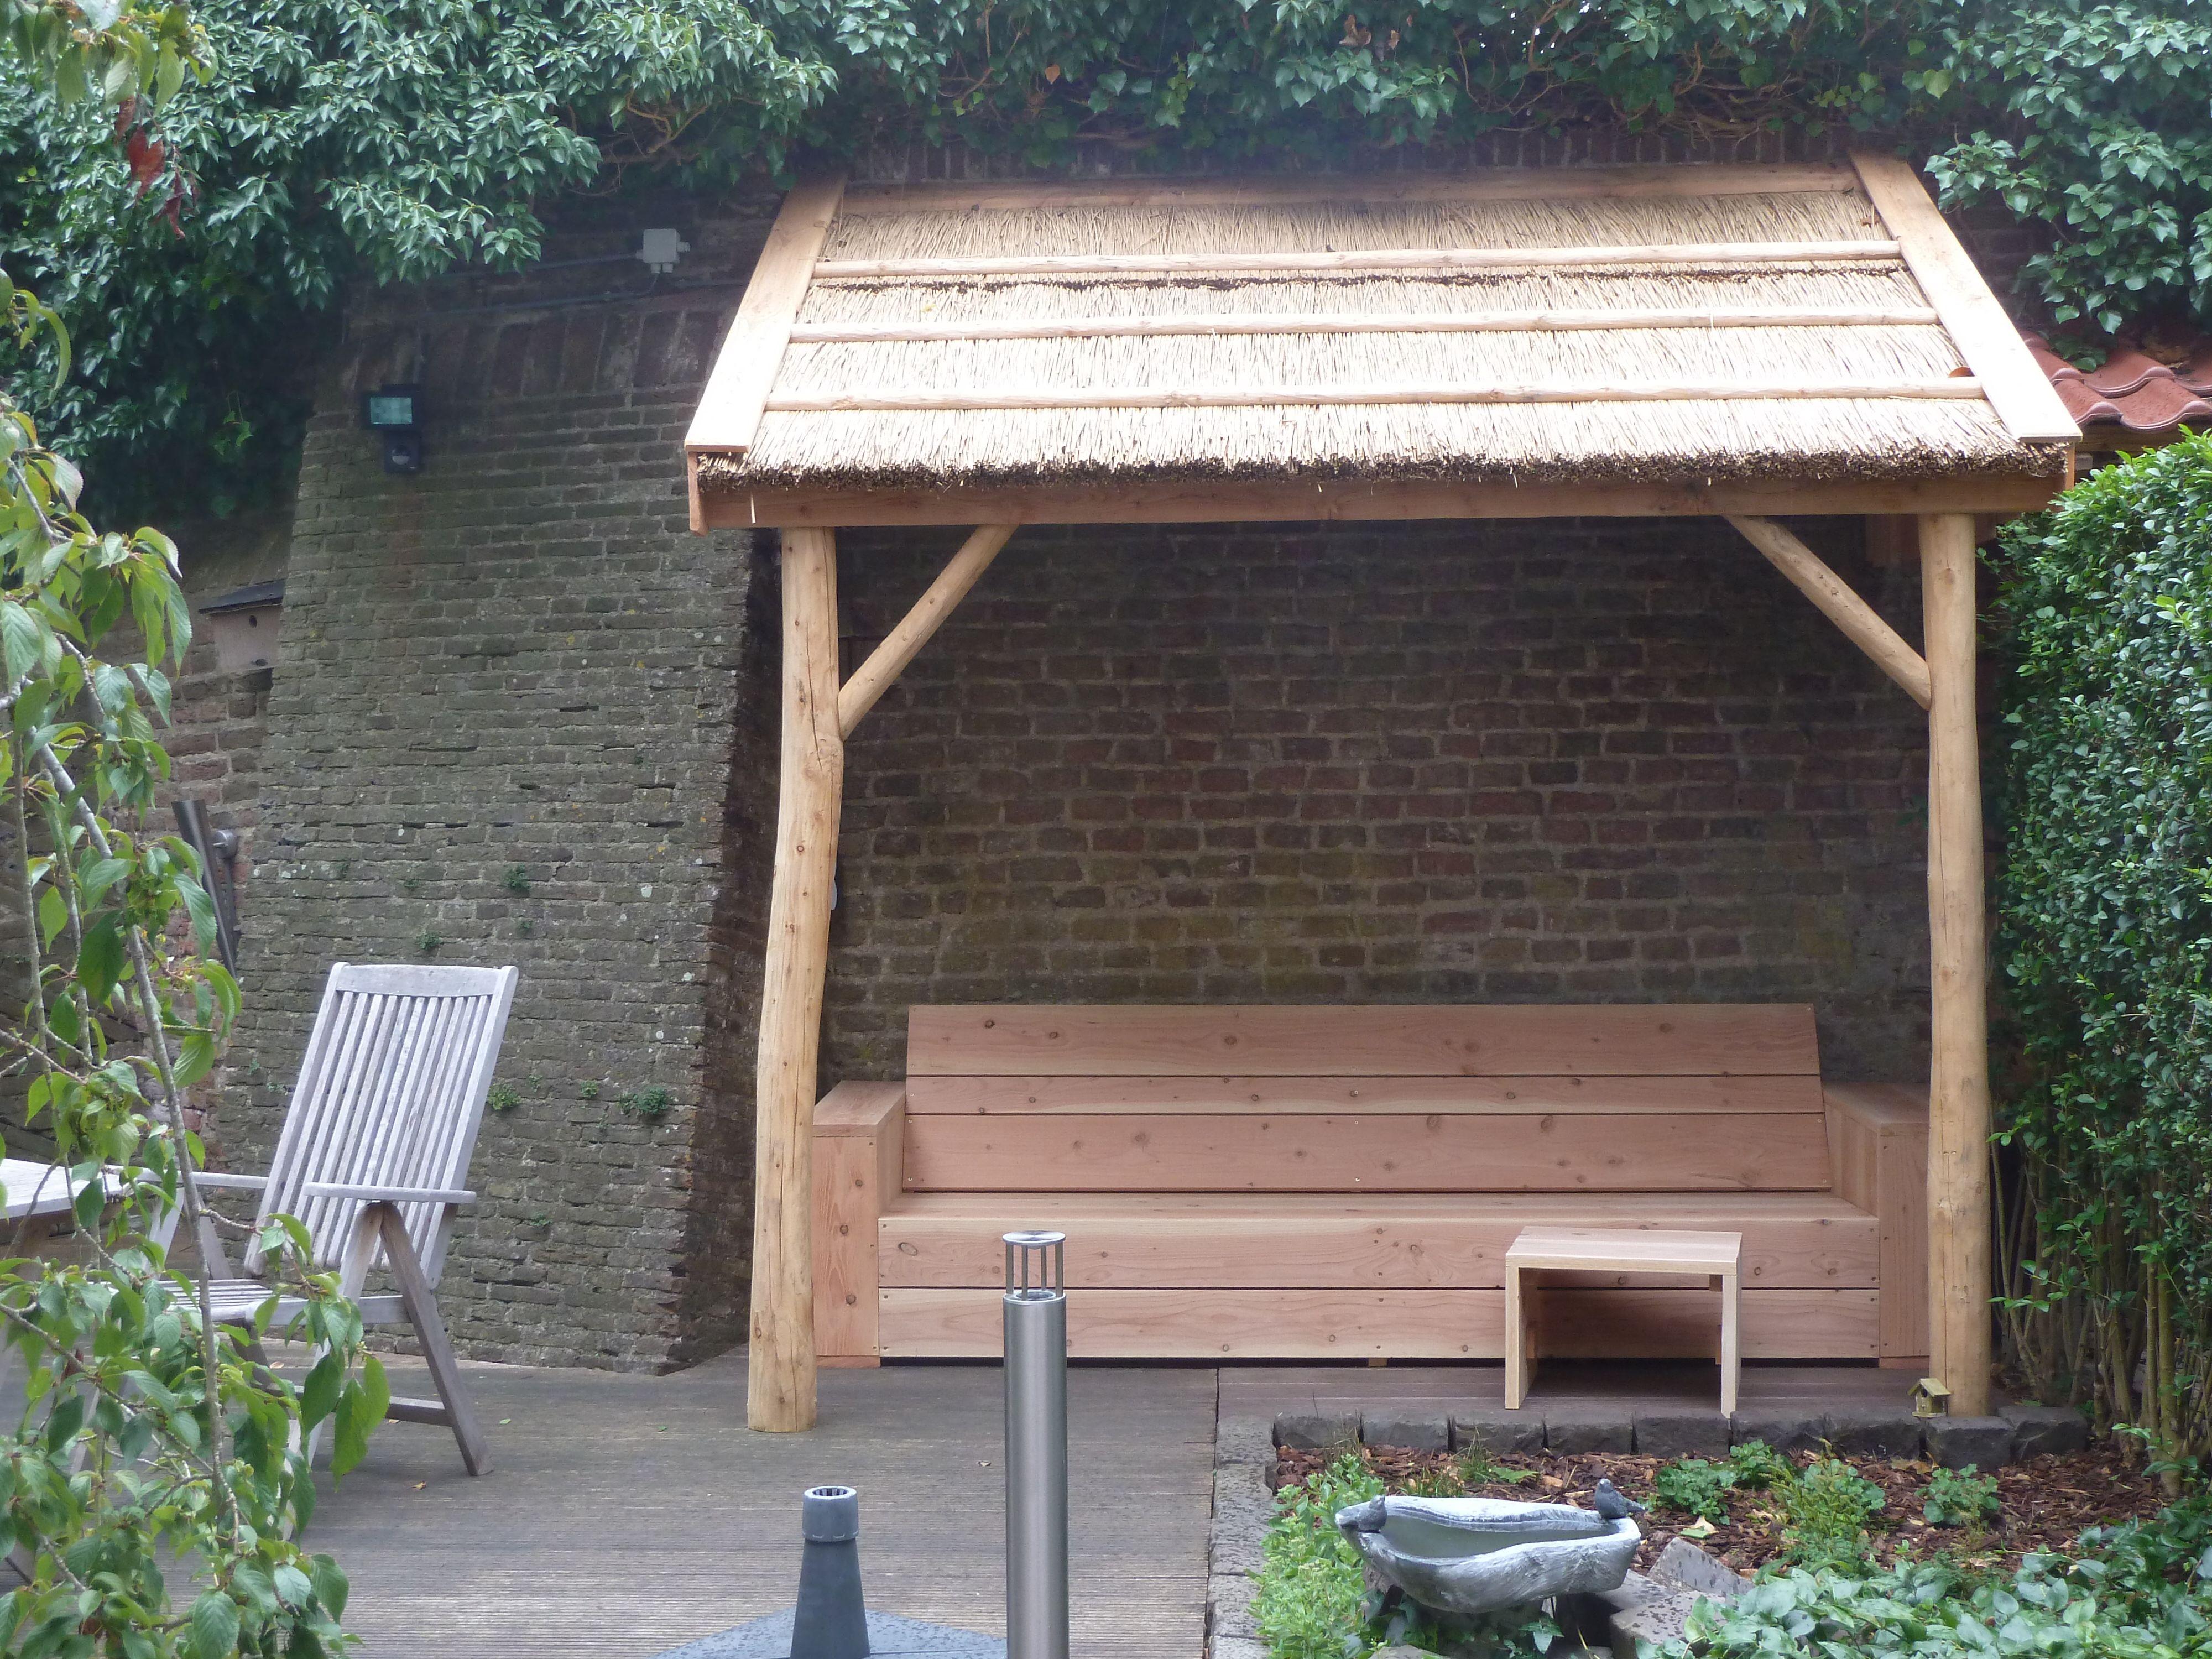 Overkapping In Tuin : Tuin overkapping veranda met rieten dak hout creatief hout